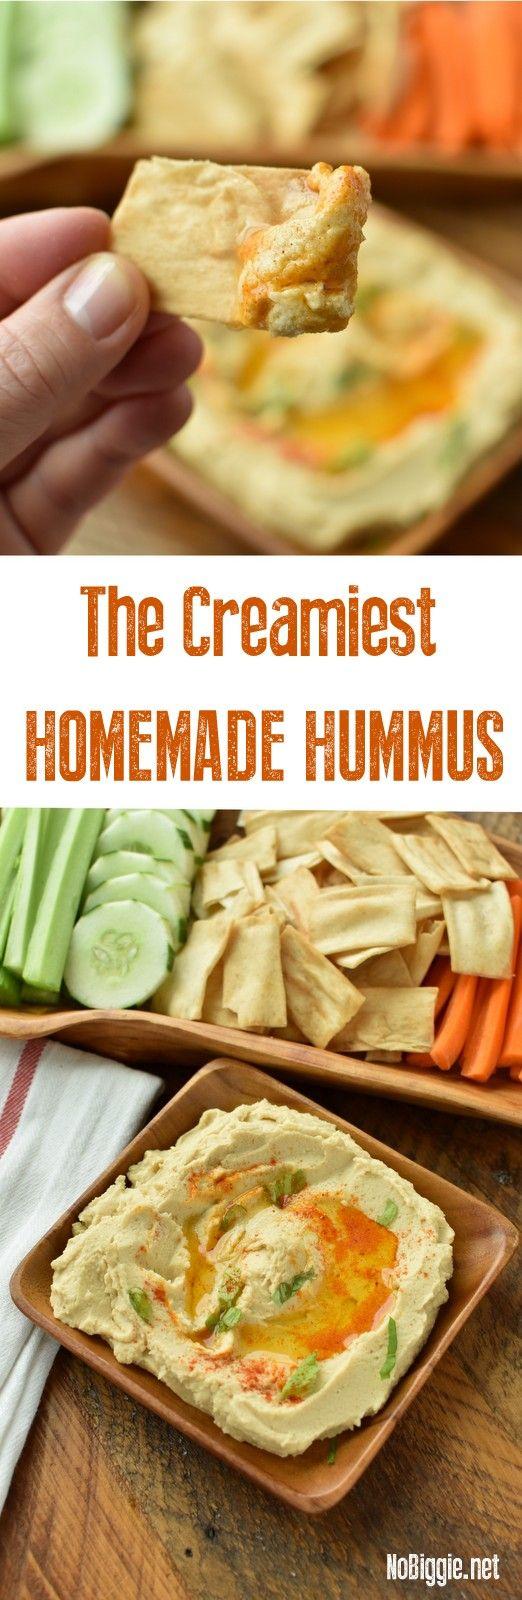 how to make the creamiest hummus | NoBiggie.net